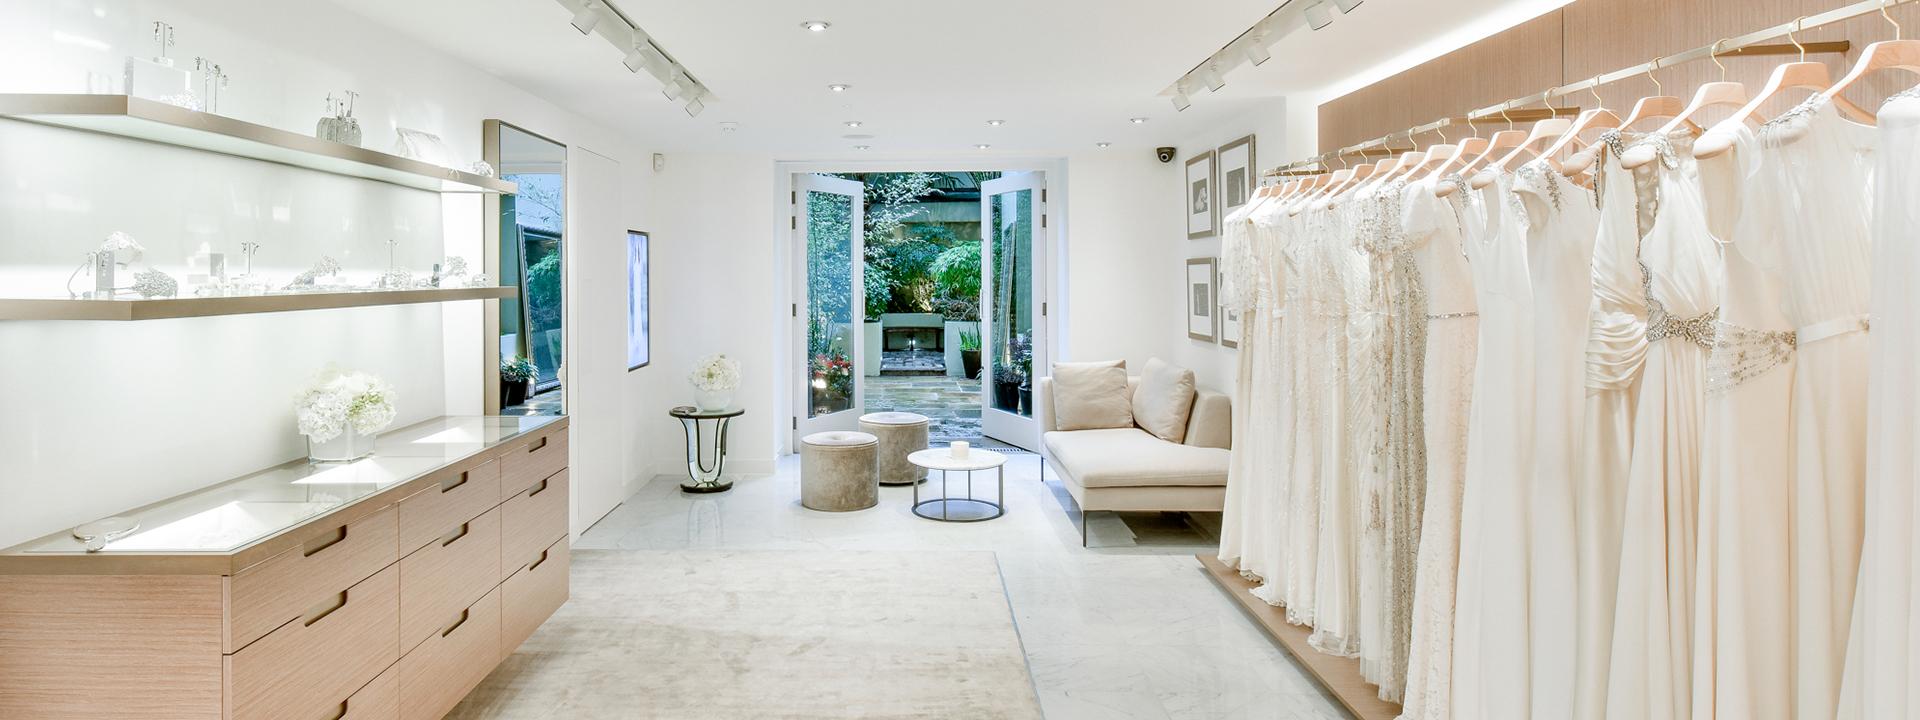 Jenny Packham boutique